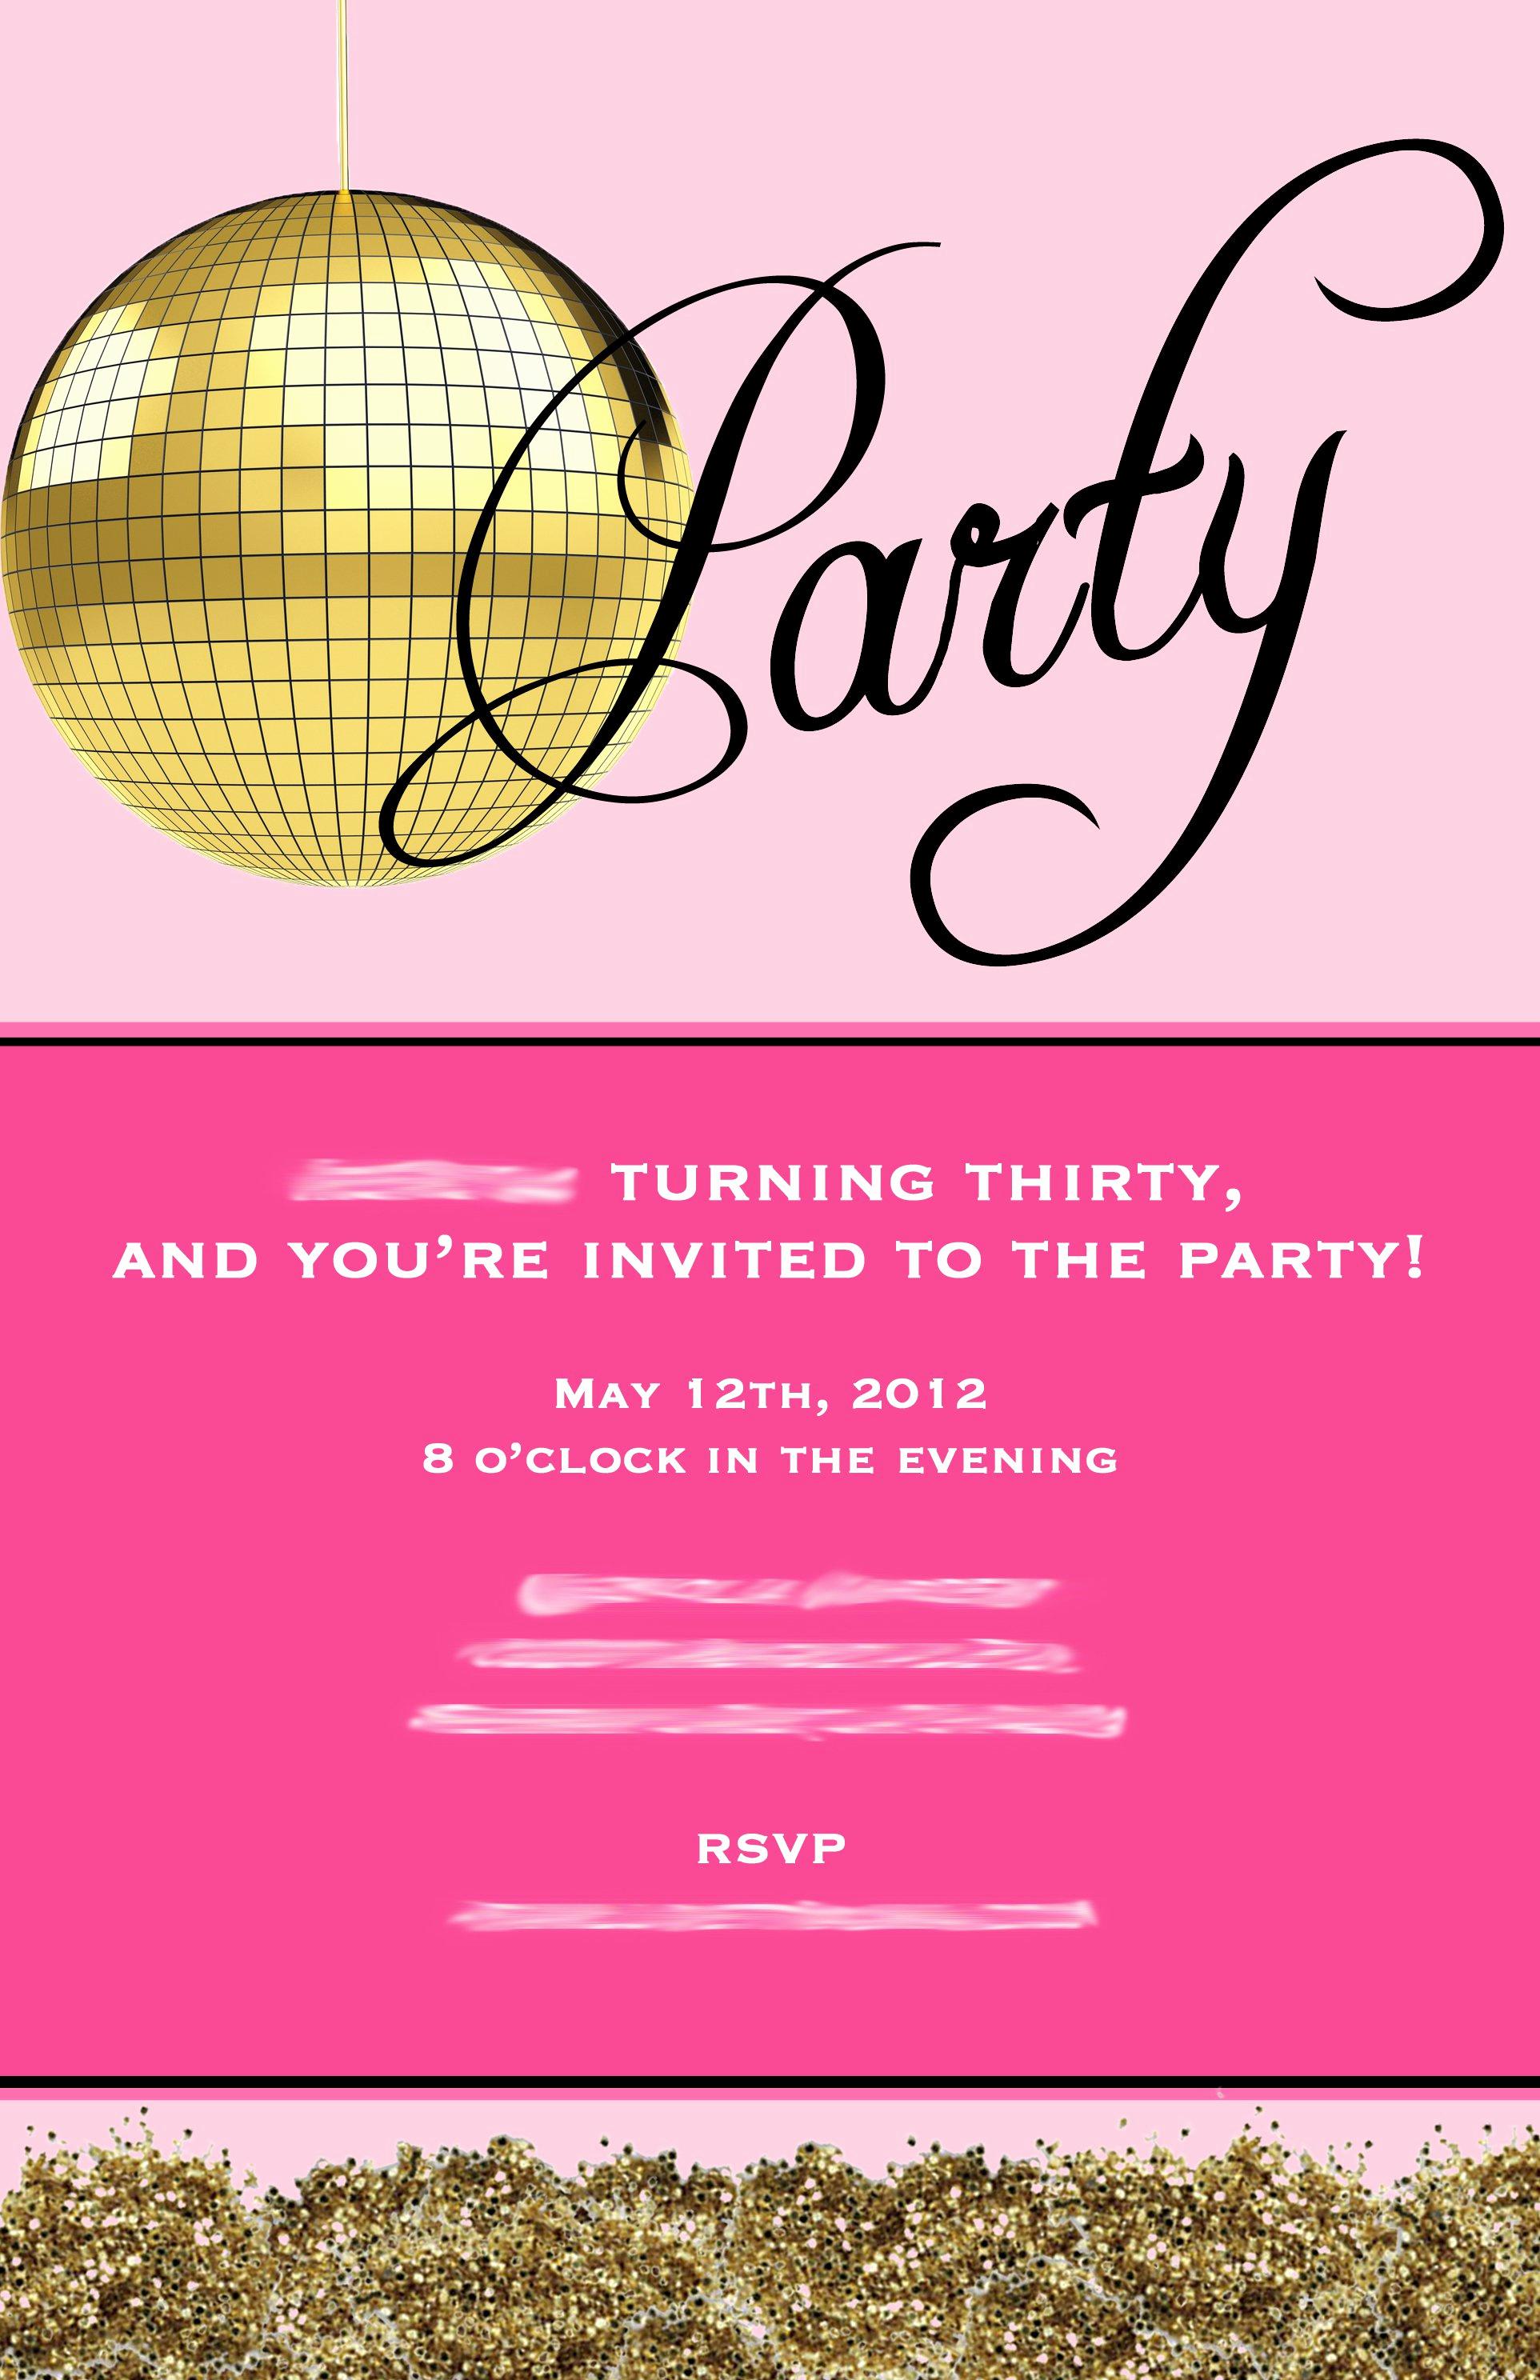 30th Birthday Invitation Templates Unique Creative 30th Birthday Invitation Wording